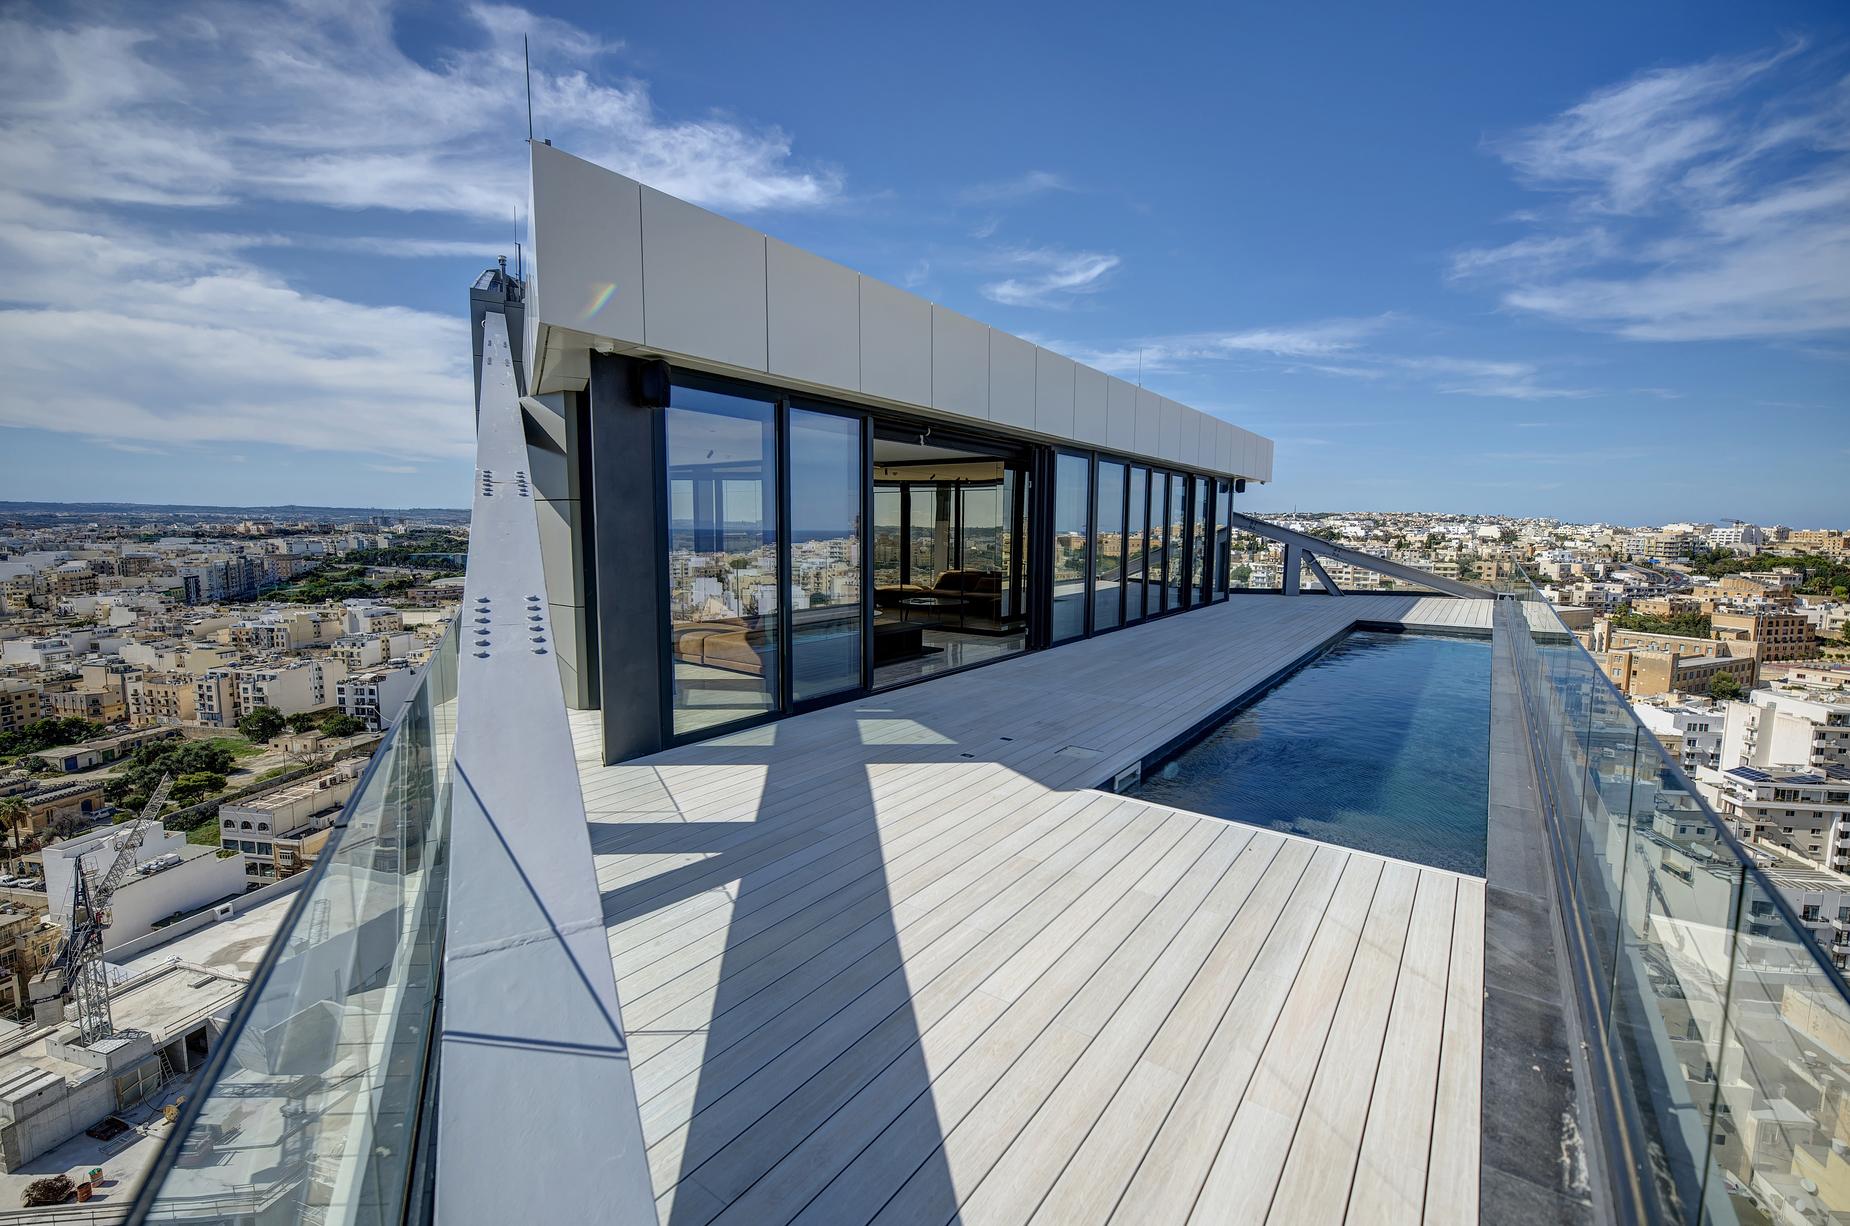 3 bed Apartment For Sale in Gzira, Gzira - thumb 3